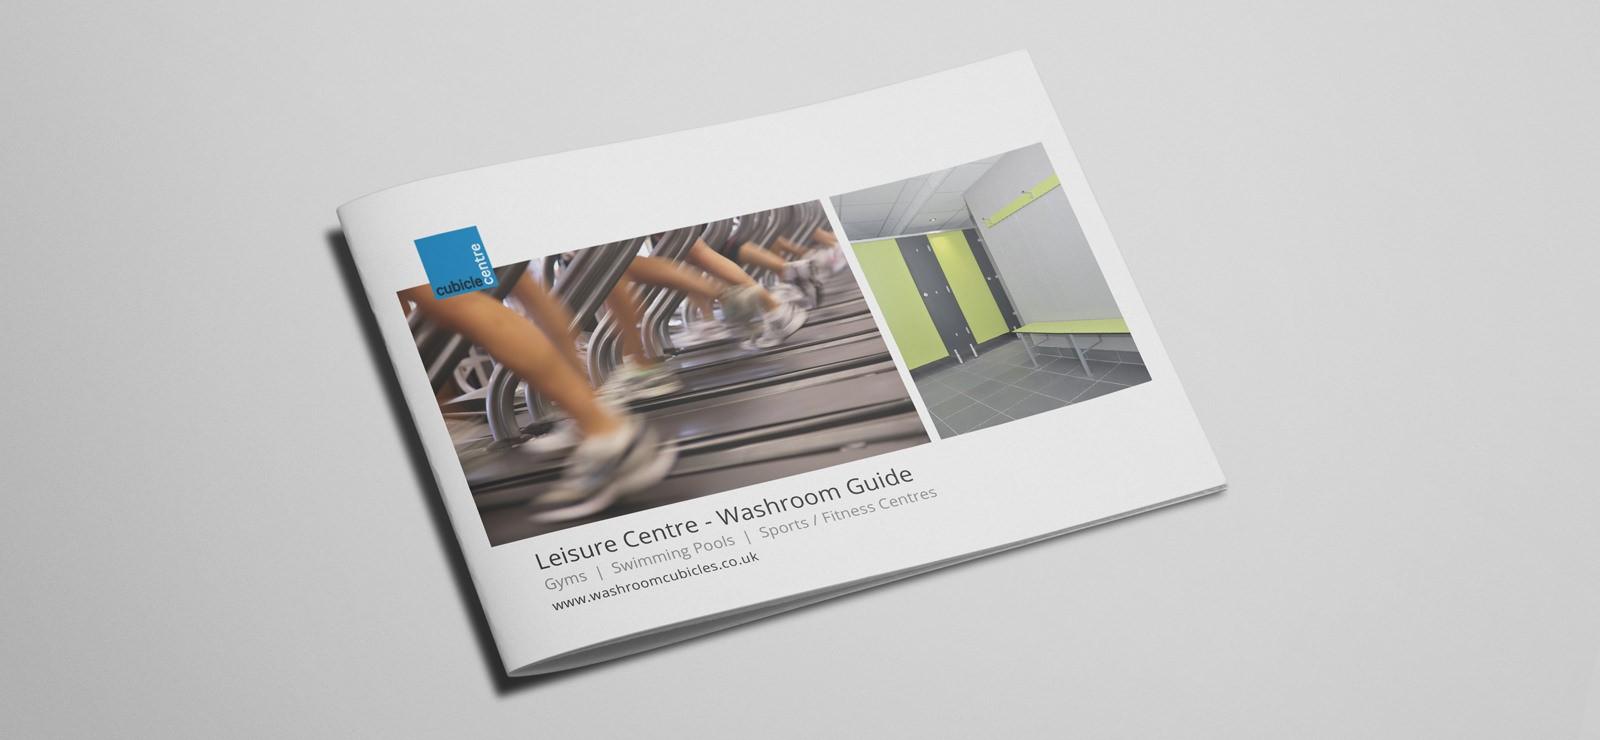 leisure centre guide